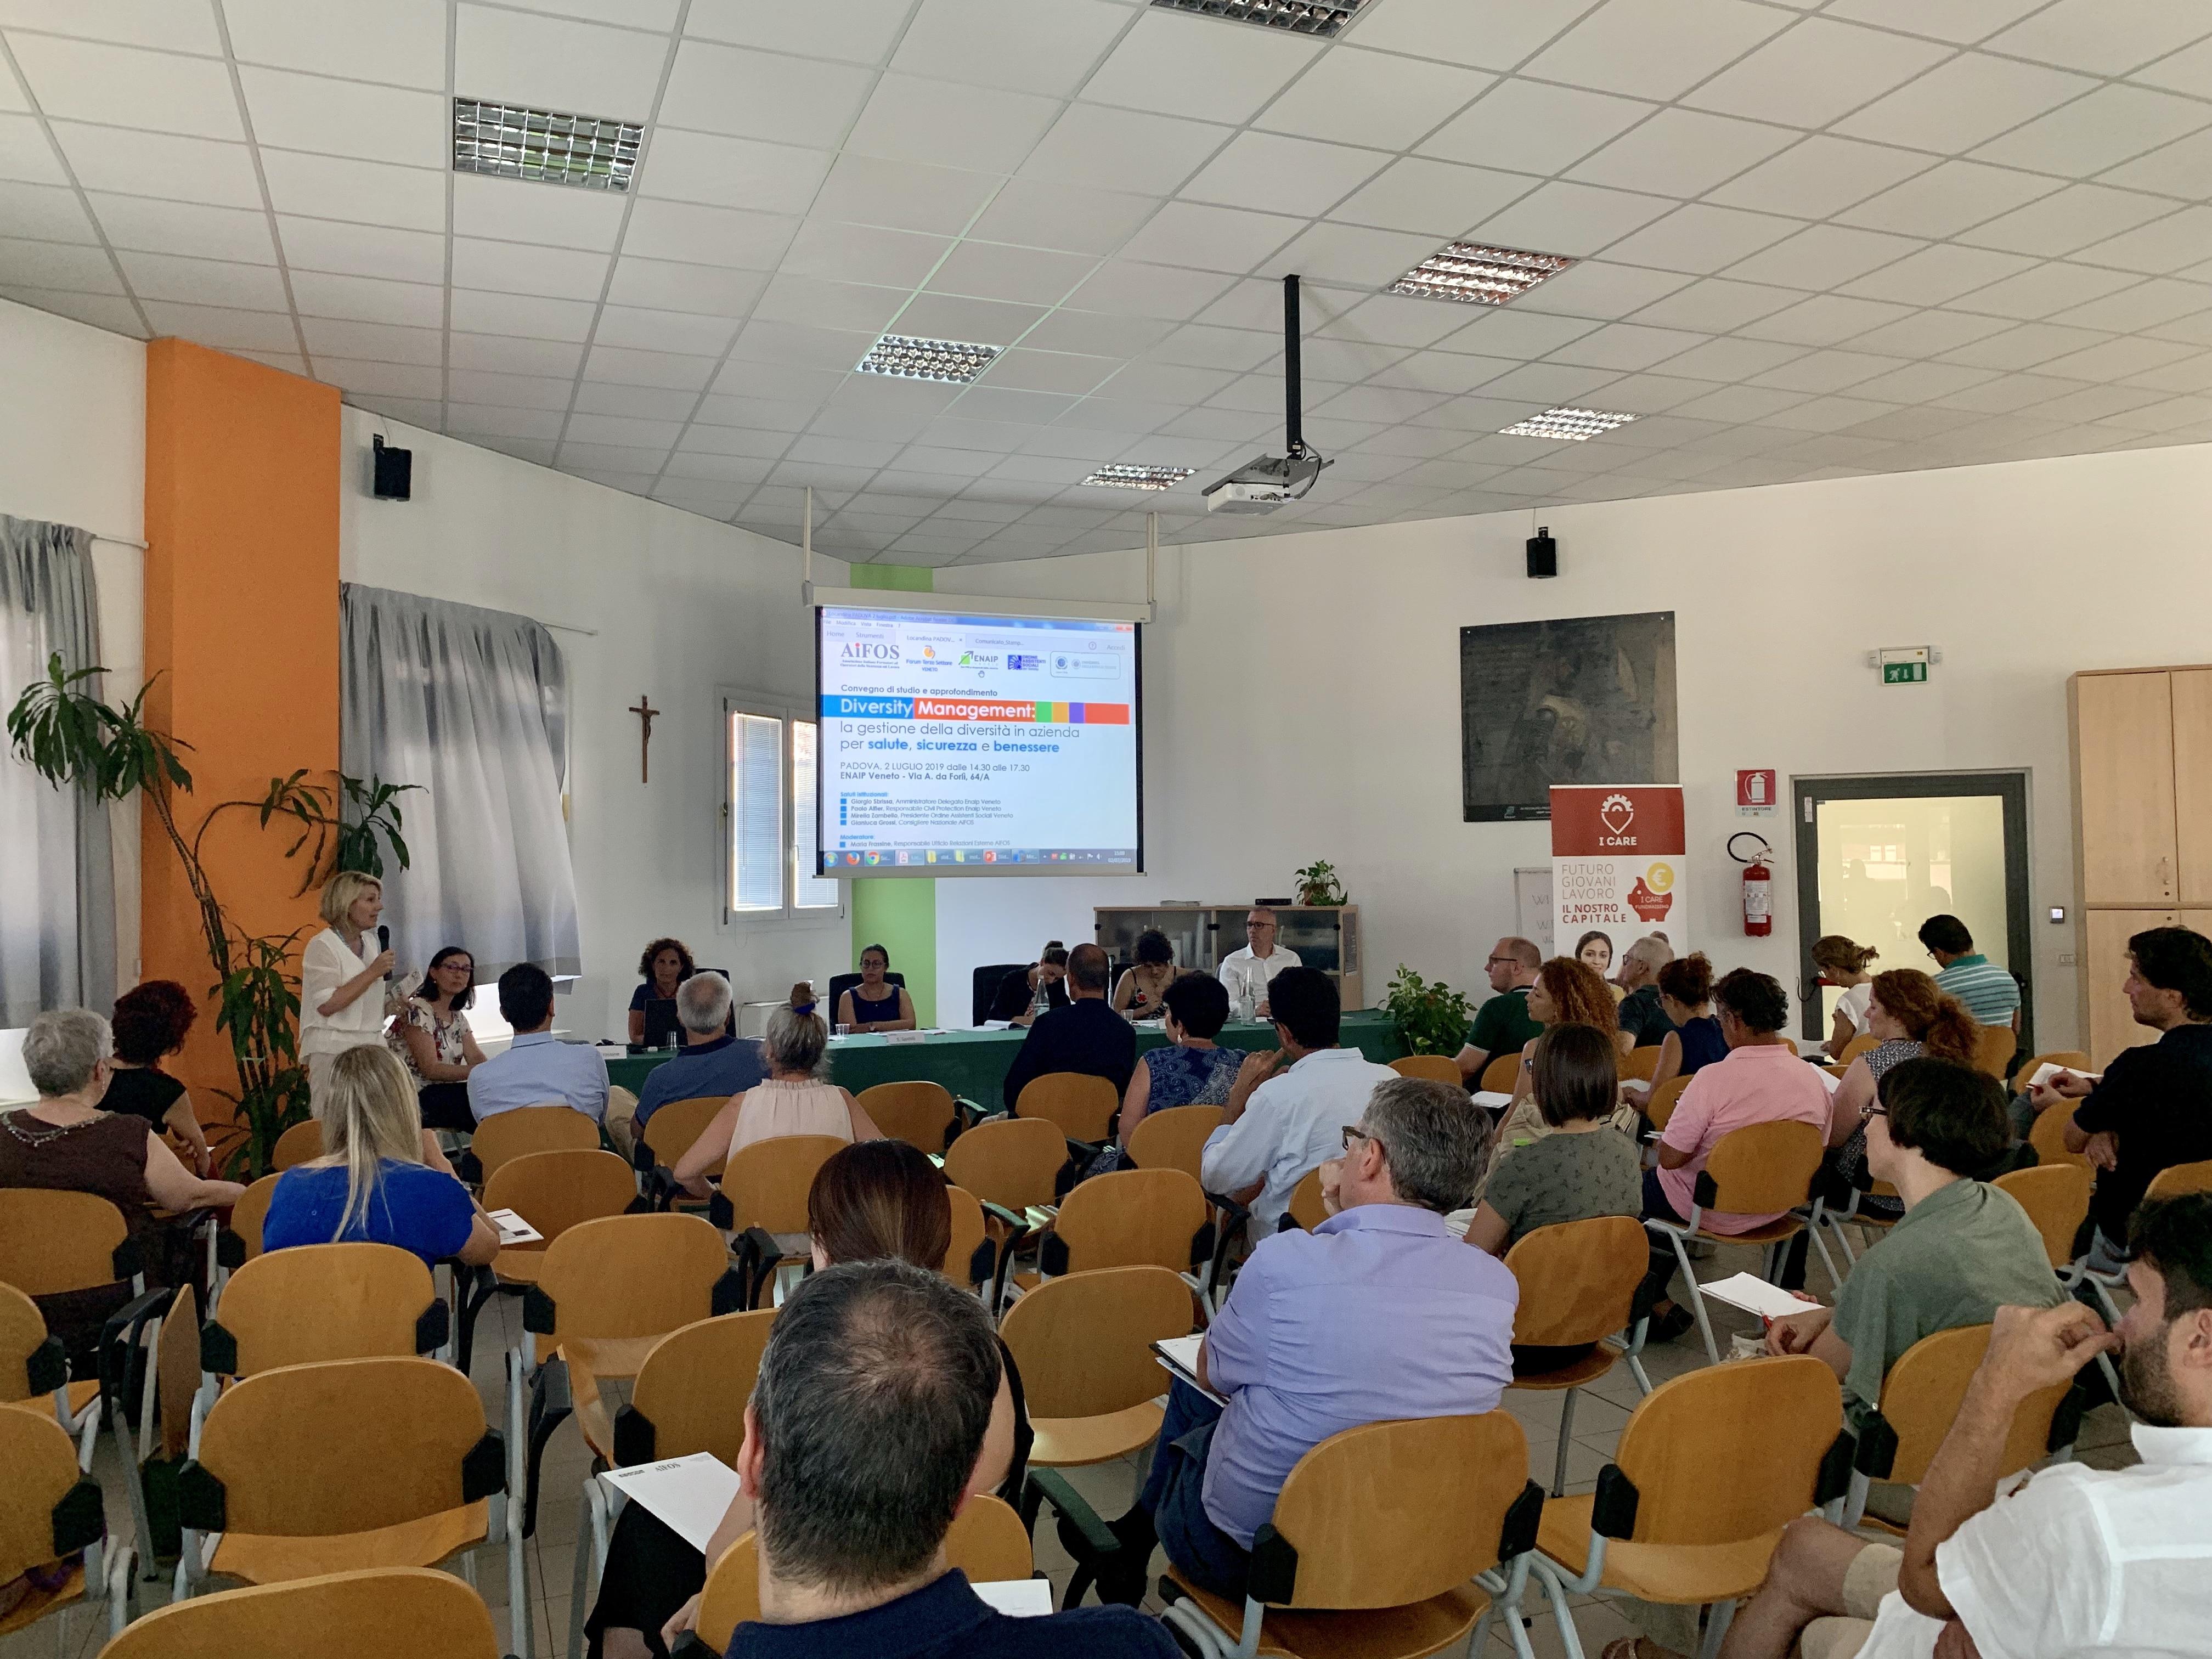 Diversity Management Come Gestire La Diversita In Azienda La Piazzaweb